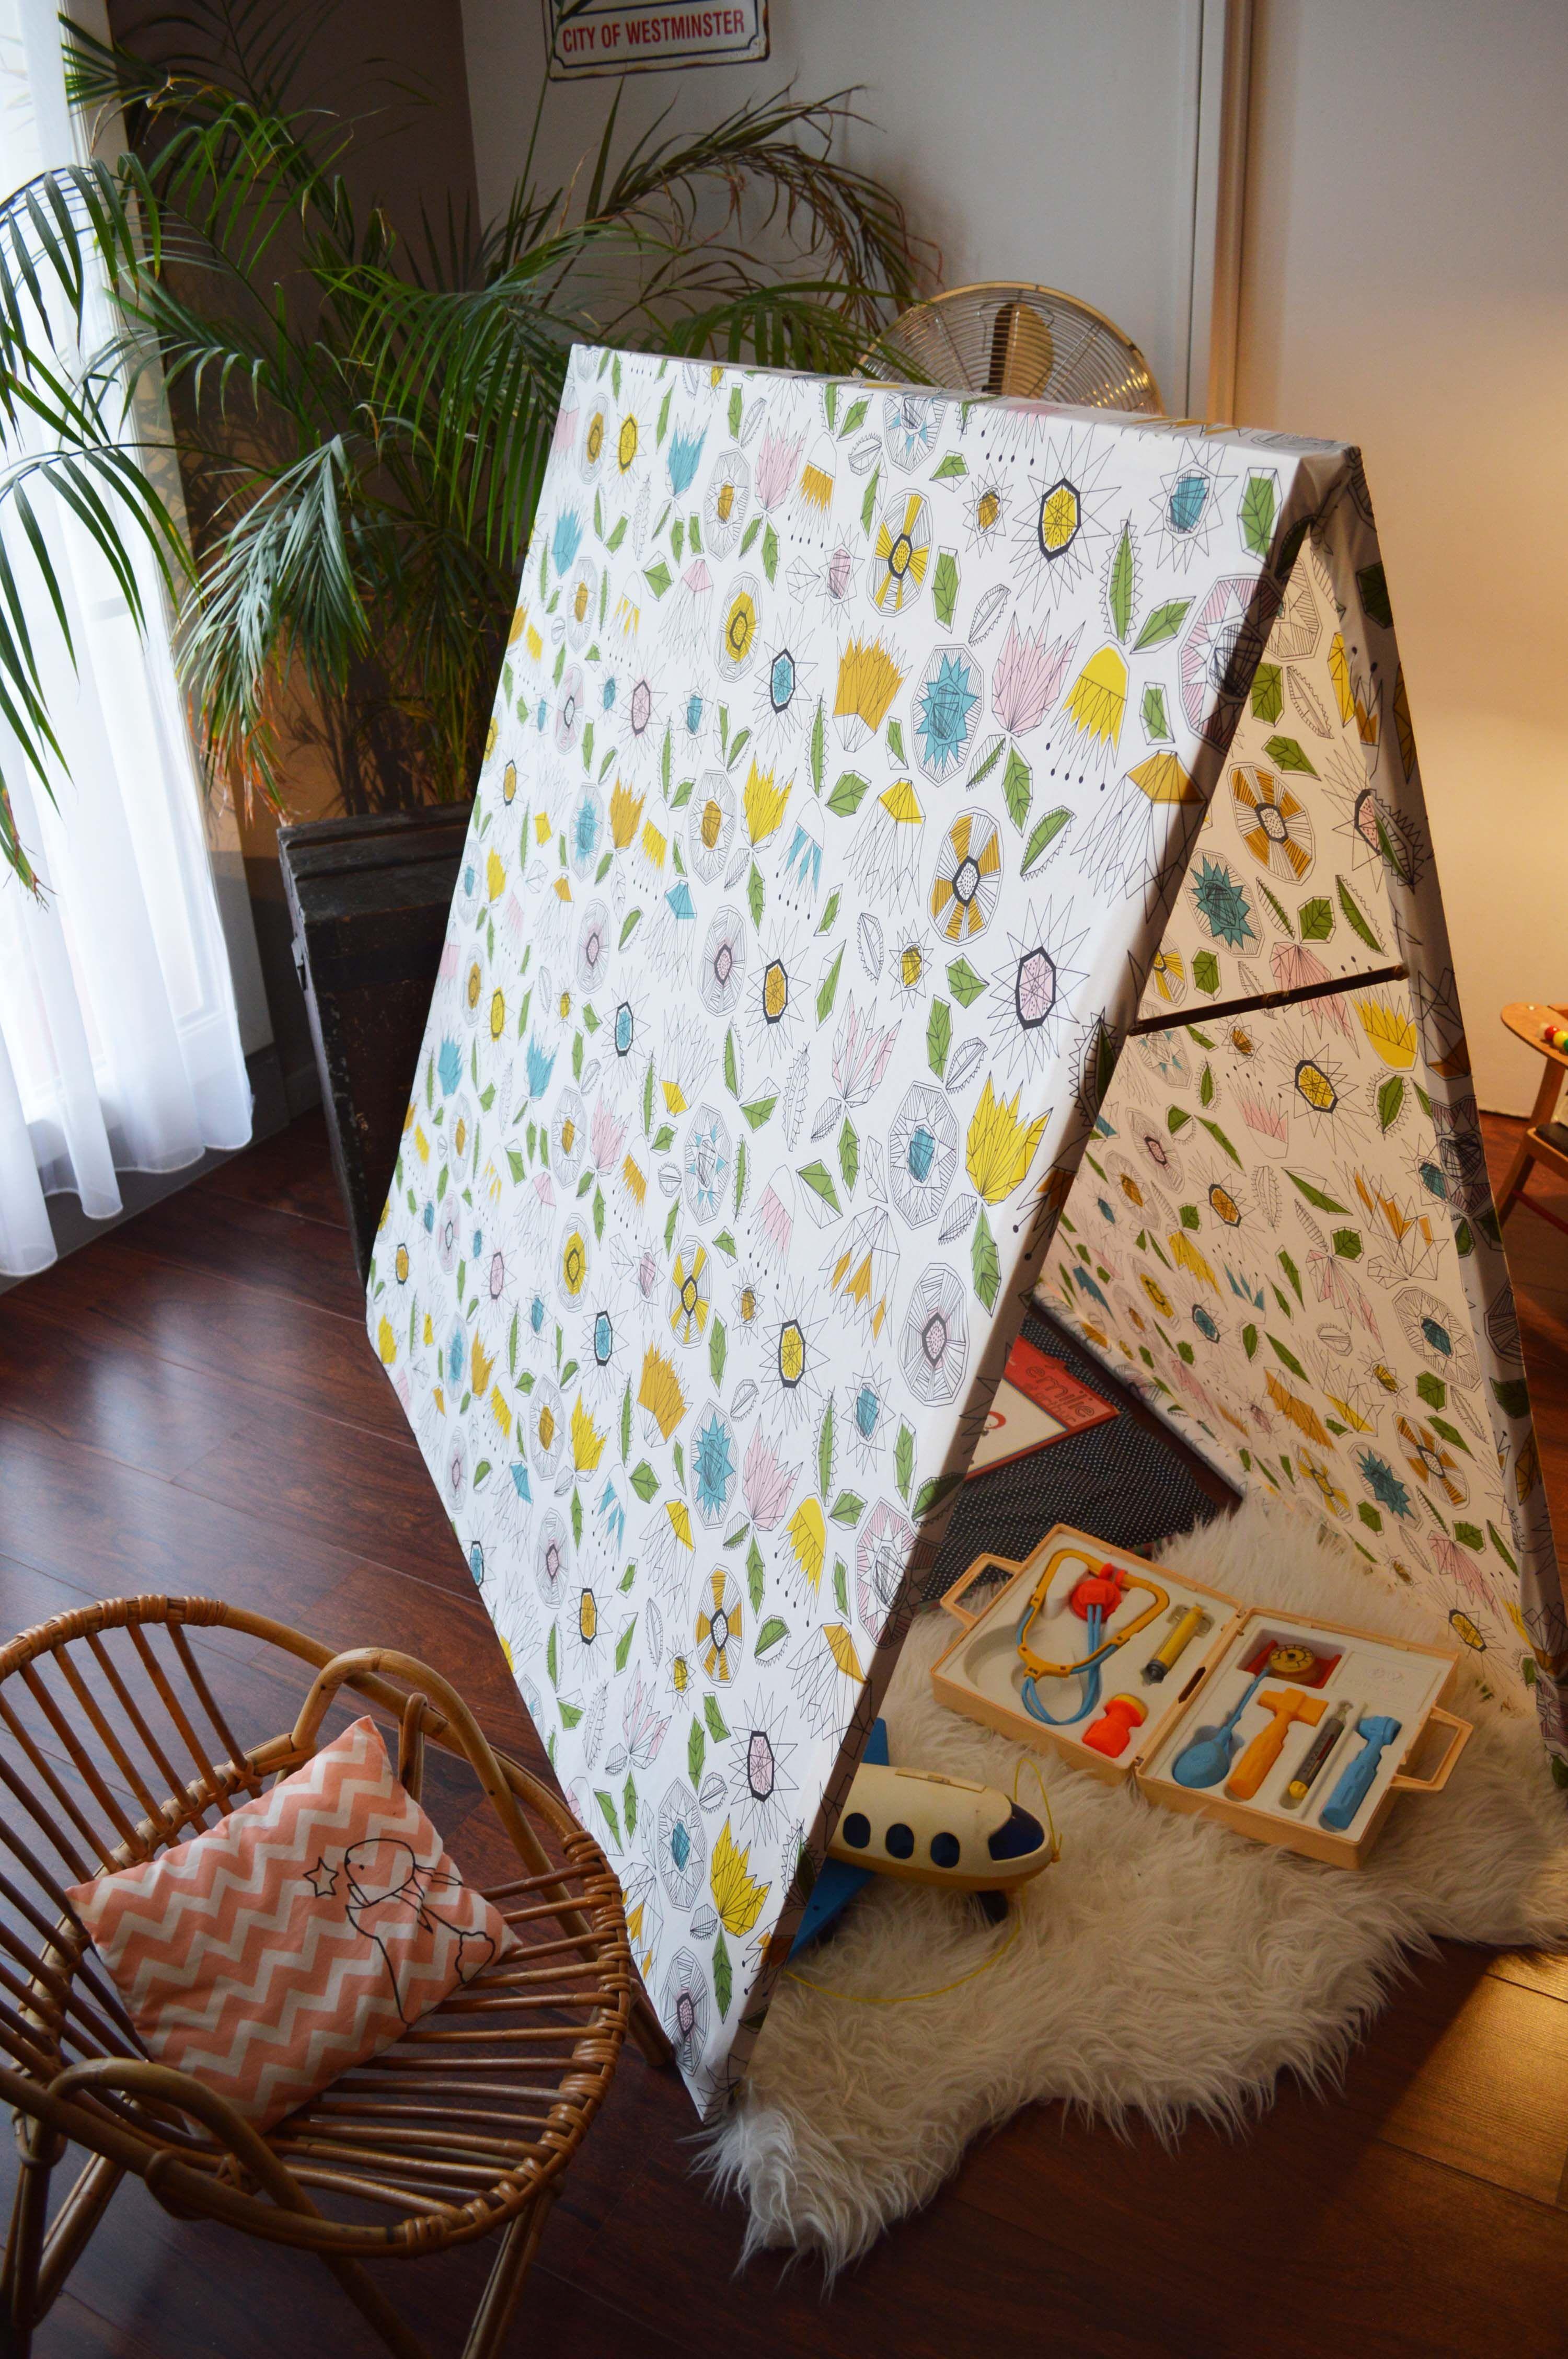 diy cabane en tissu diy tipi diy pinterest tissu diy et cabanes. Black Bedroom Furniture Sets. Home Design Ideas